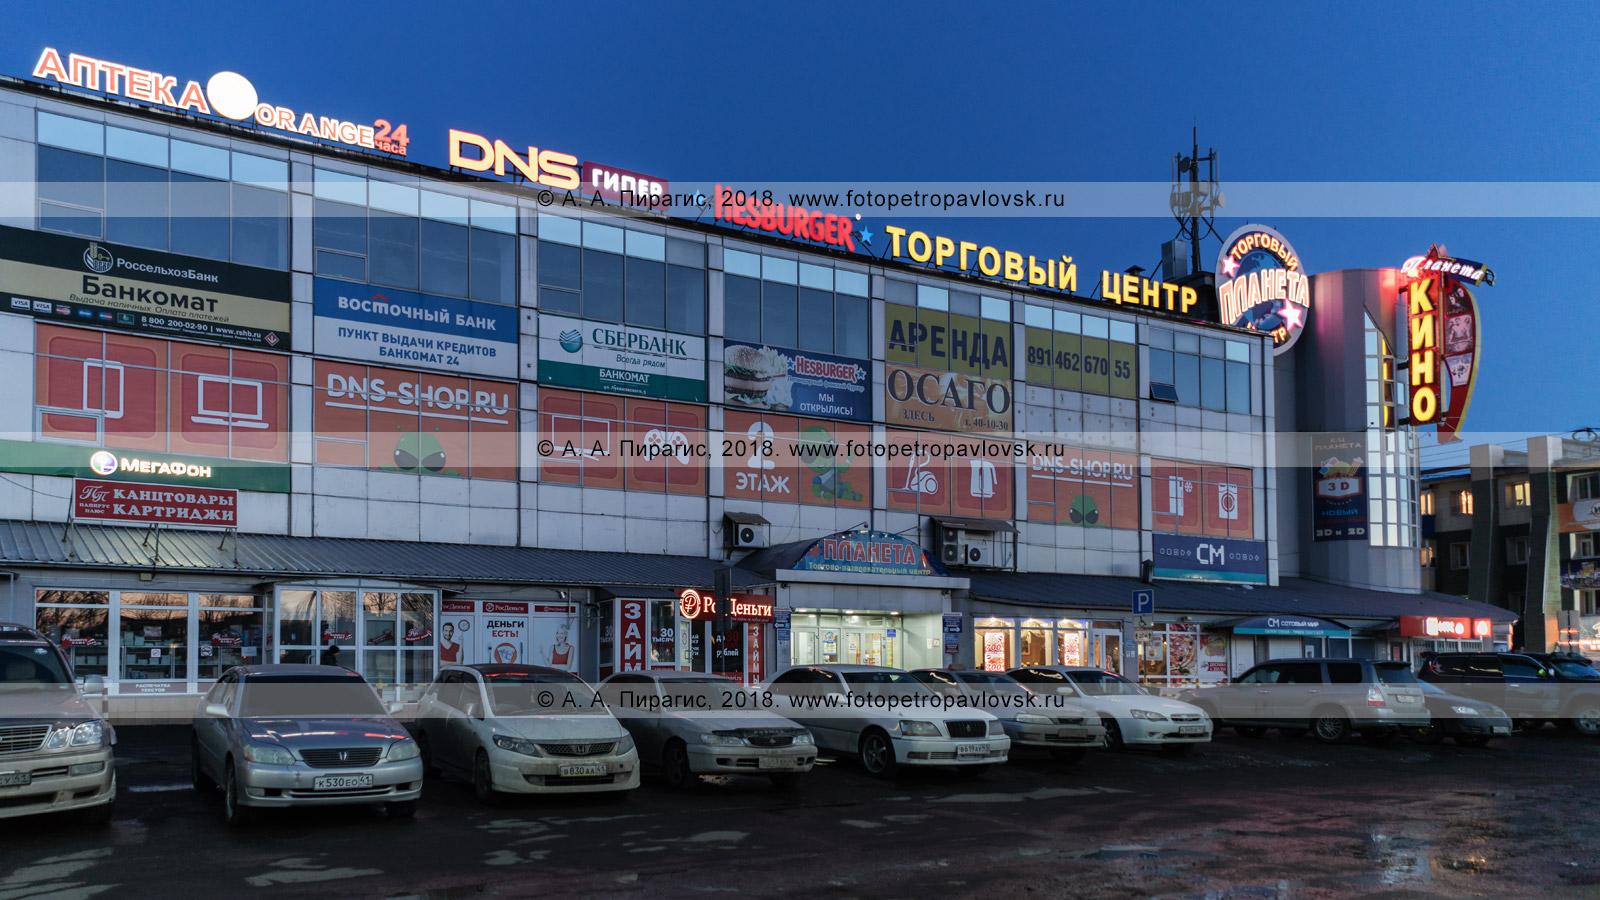 """Ночная фотография: торговый центр """"Планета"""". Камчатский край, город Петропавловск-Камчатский, улица Лукашевского, 5"""